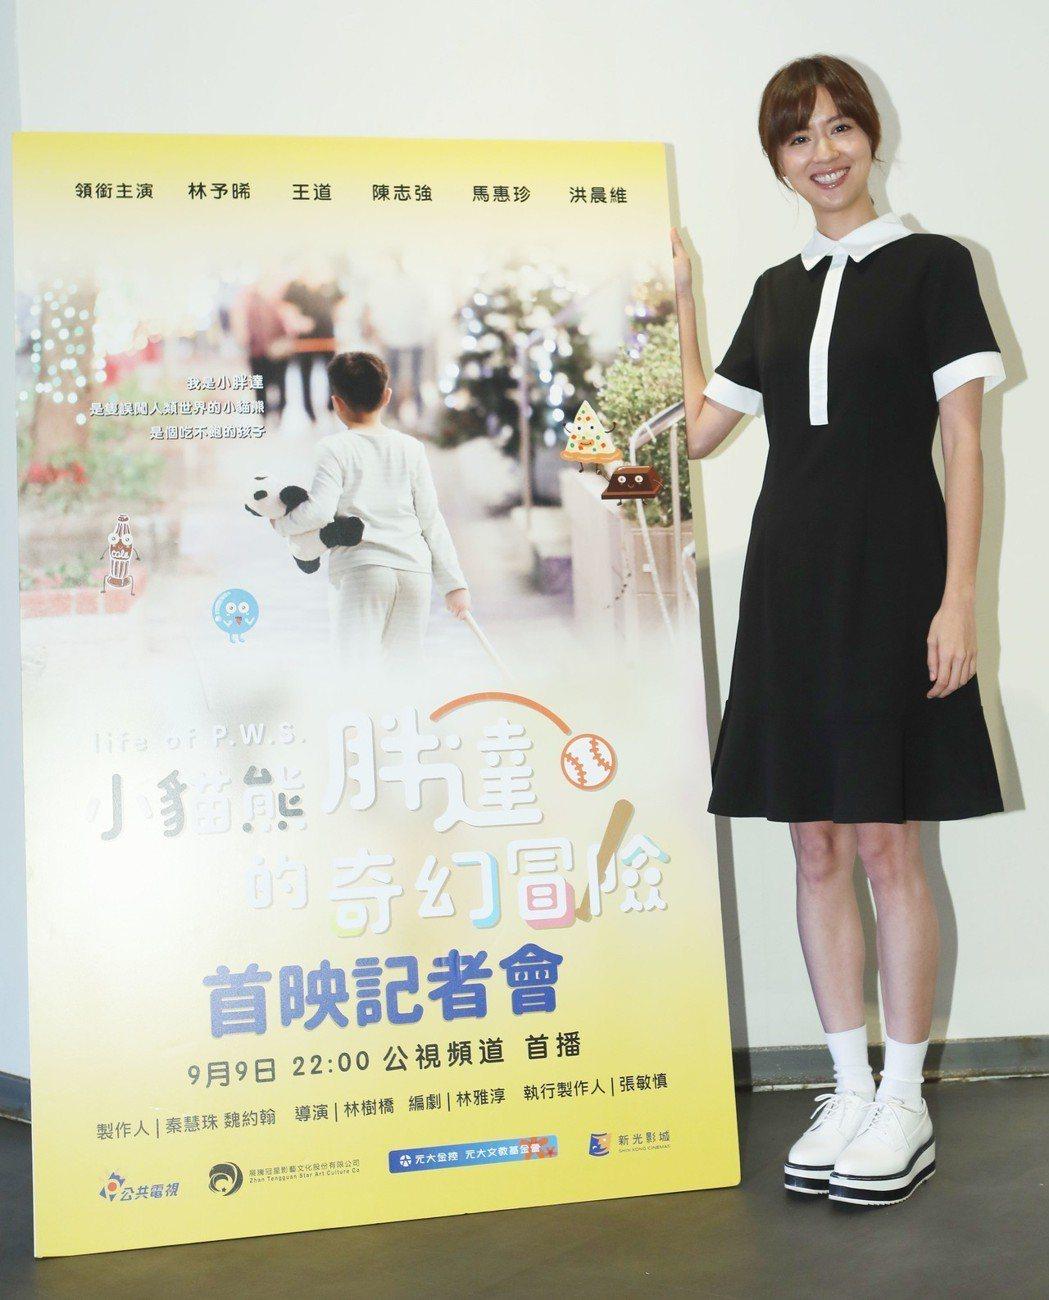 林予晞出席「小貓熊胖達的奇幻冒險」首映會。圖/公視提供